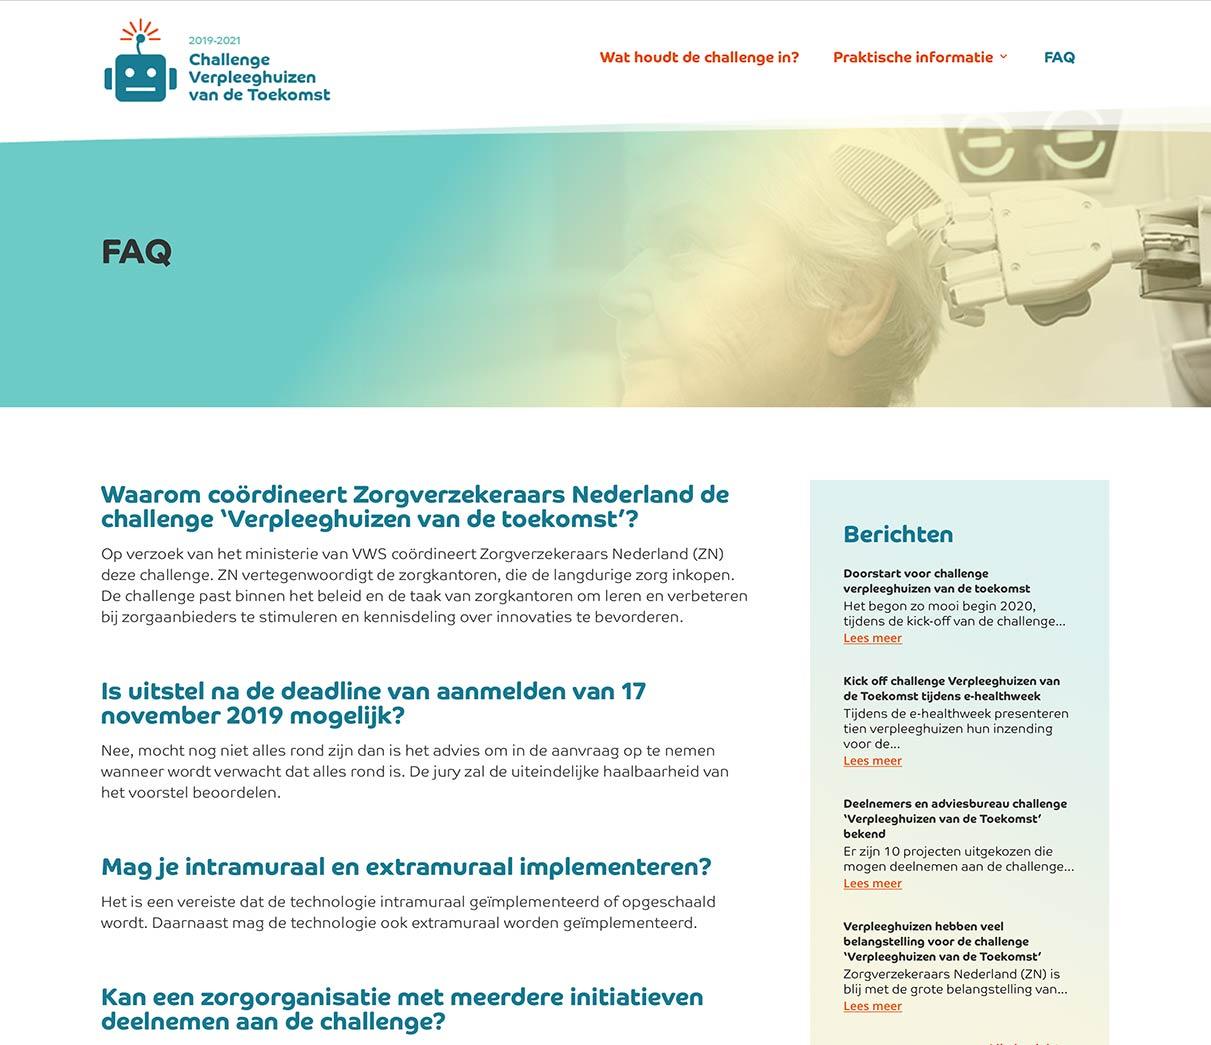 Webdesign Pagina faq verpleeghuis van de toekomst van studio SNH